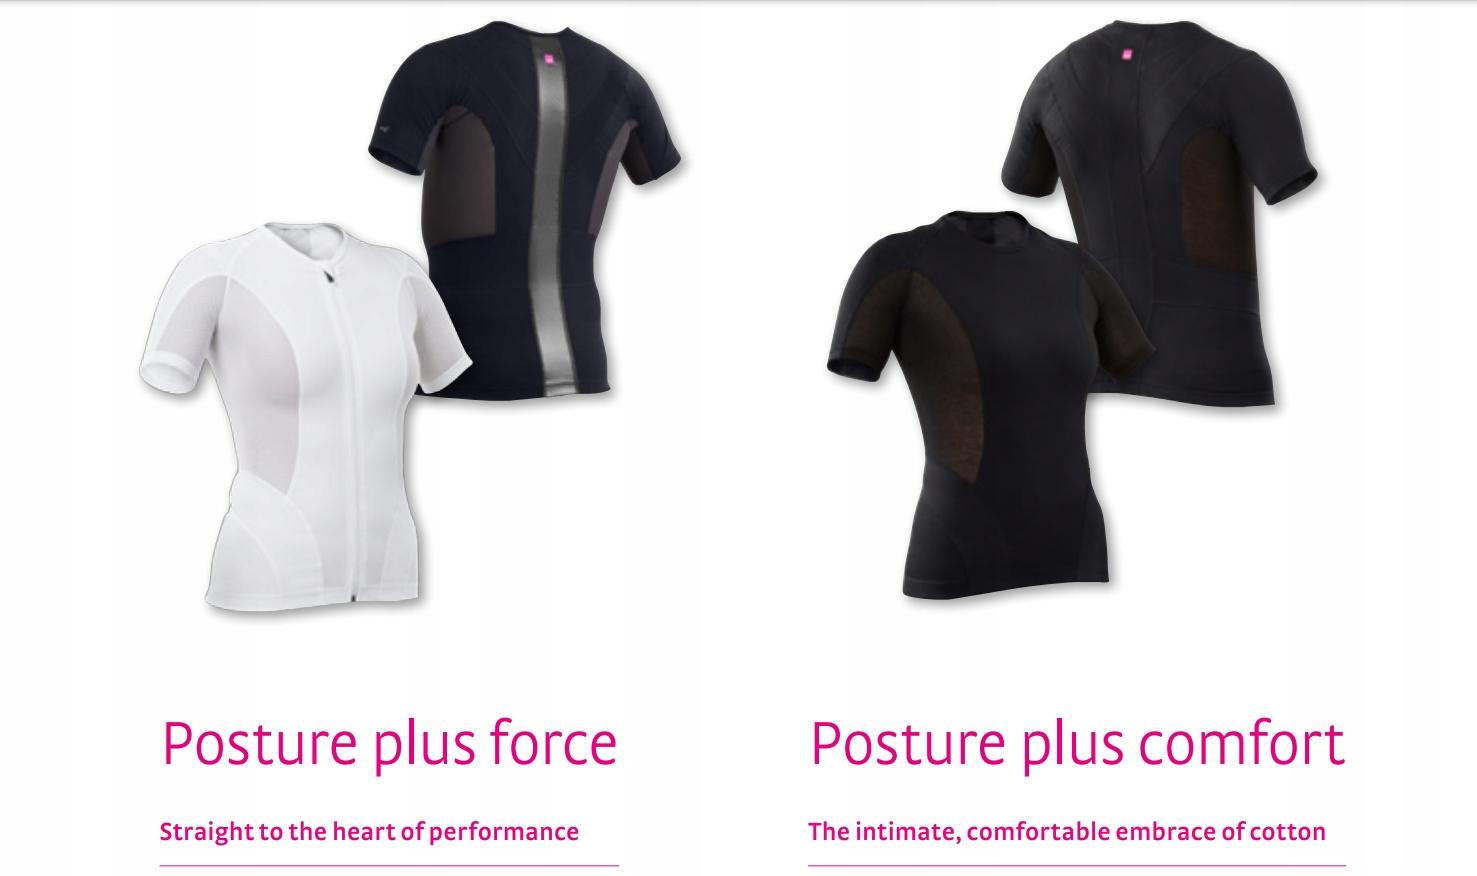 Koszulka korekcyjna MEDI Posture Force BLACK Właściwości oddychające odprowadzające wilgoć szybkoschnące